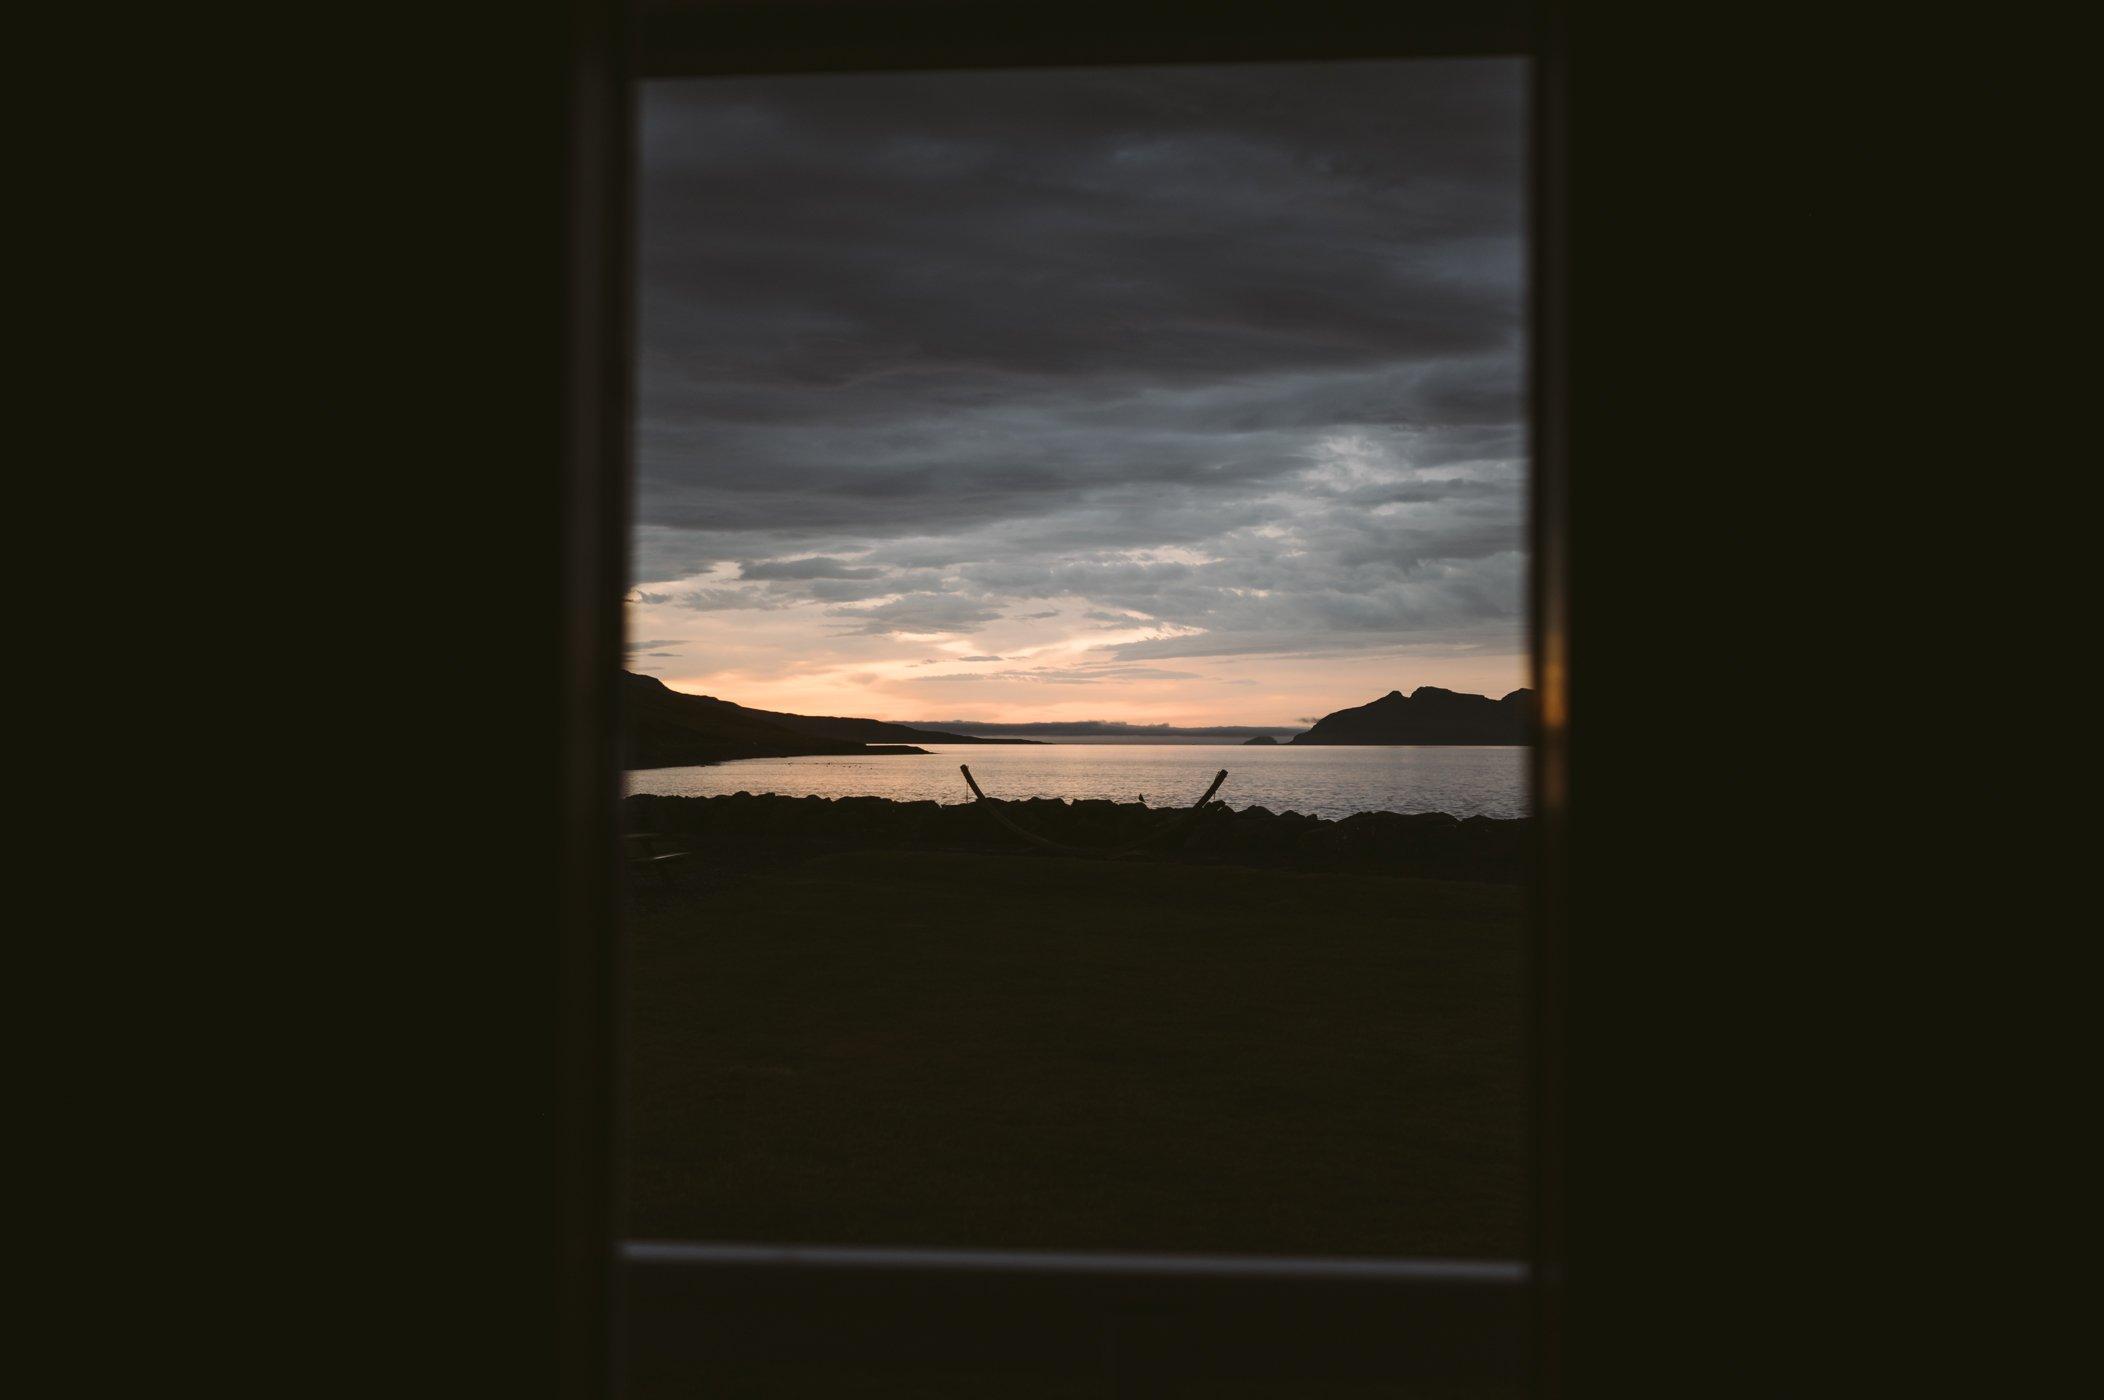 Mjóeyri guesthouse in Eskifjorður